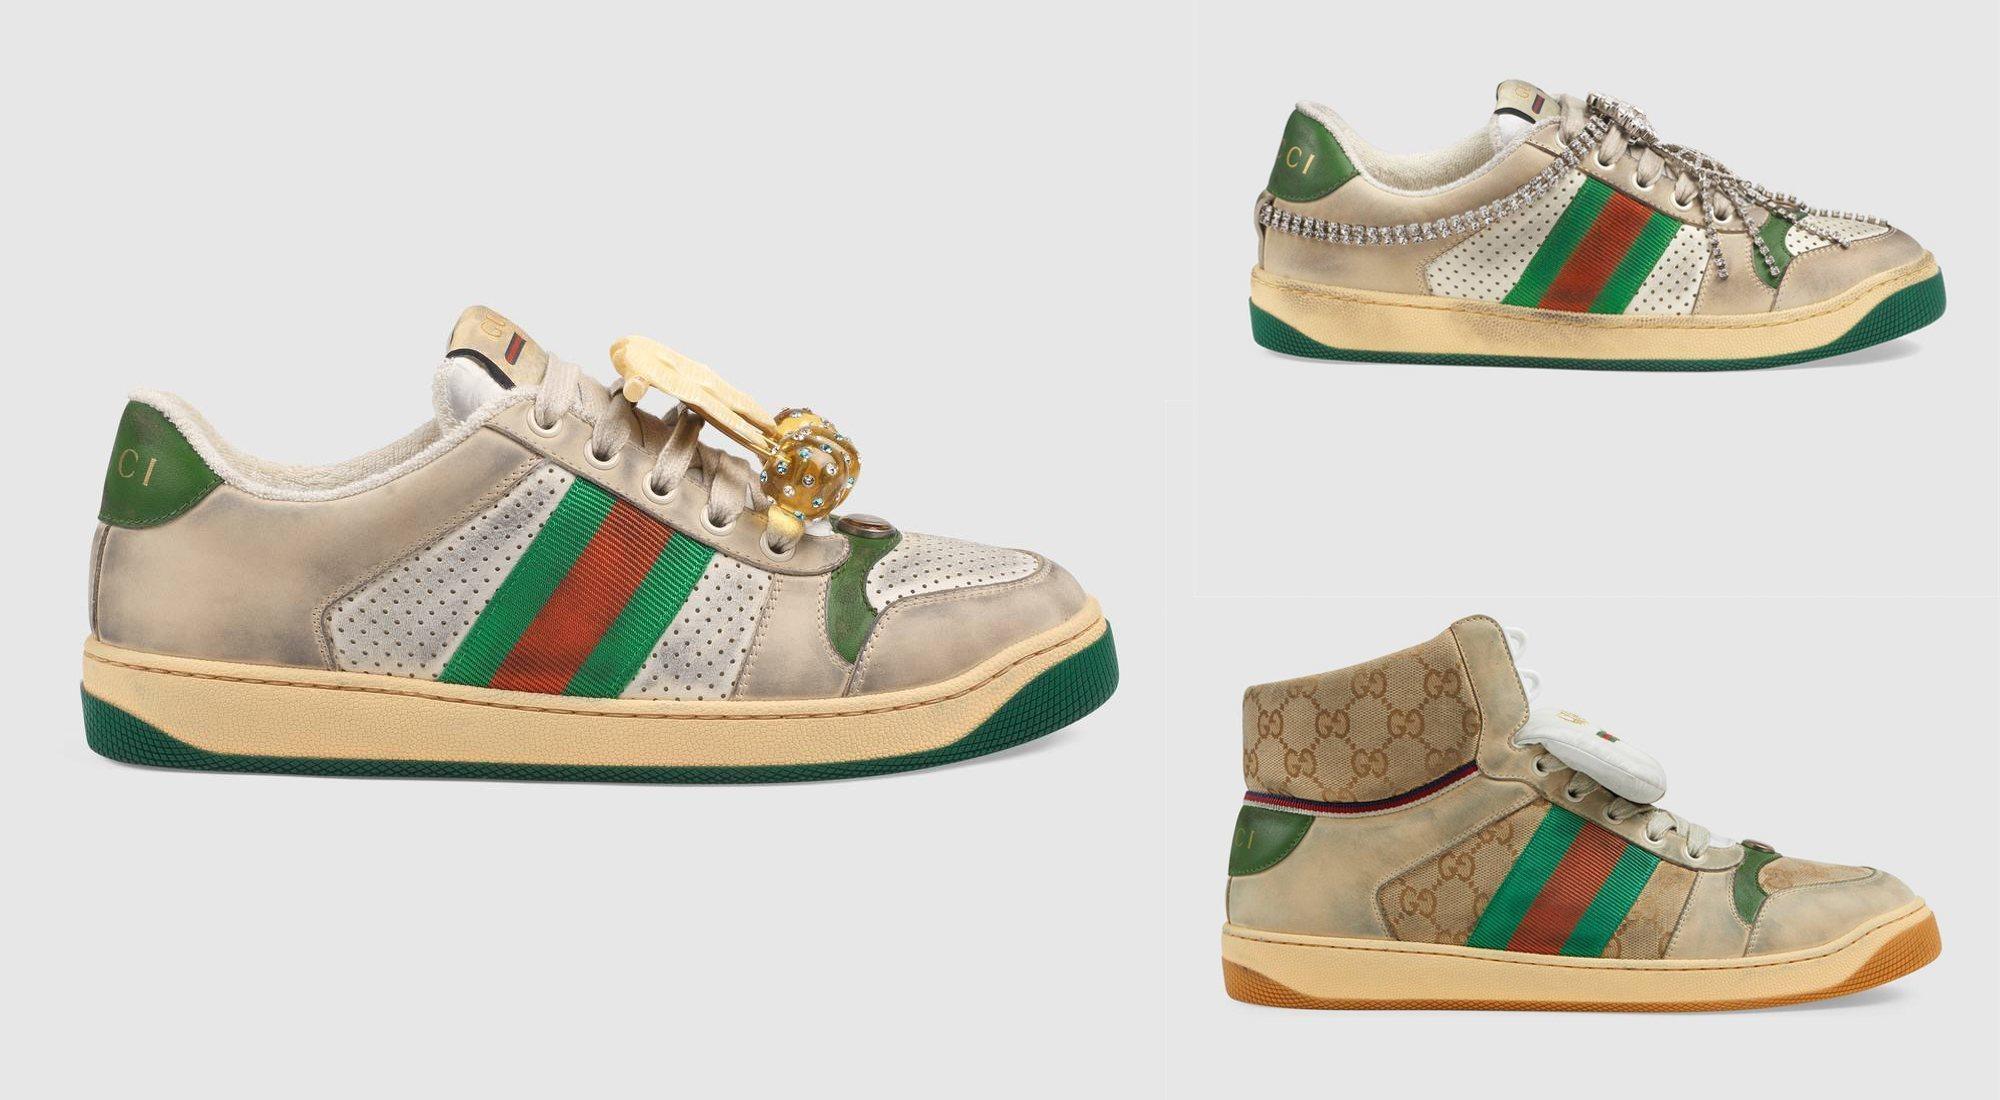 Gucci vende unas zapatillas gastadas por 700 euros: esta es la explicación